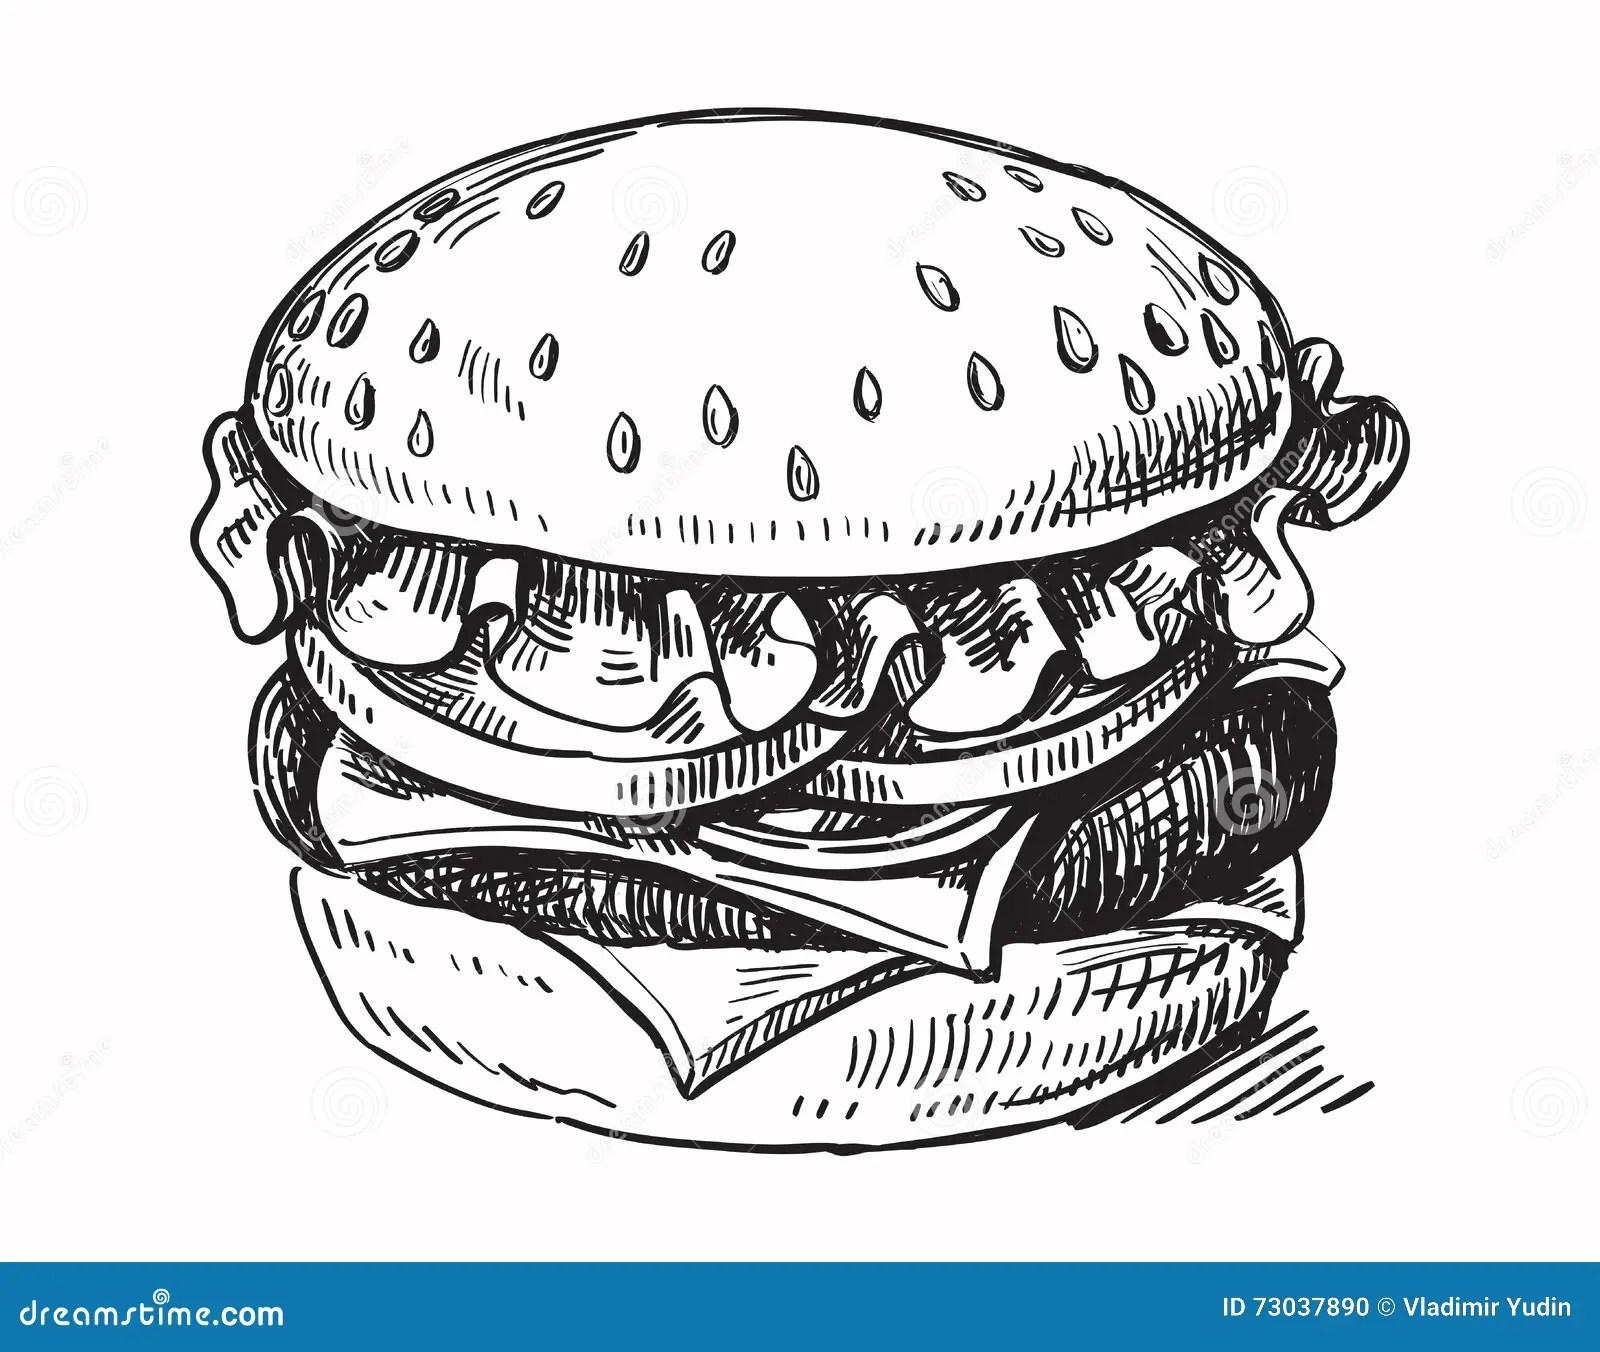 Hamburger Vector Drawing